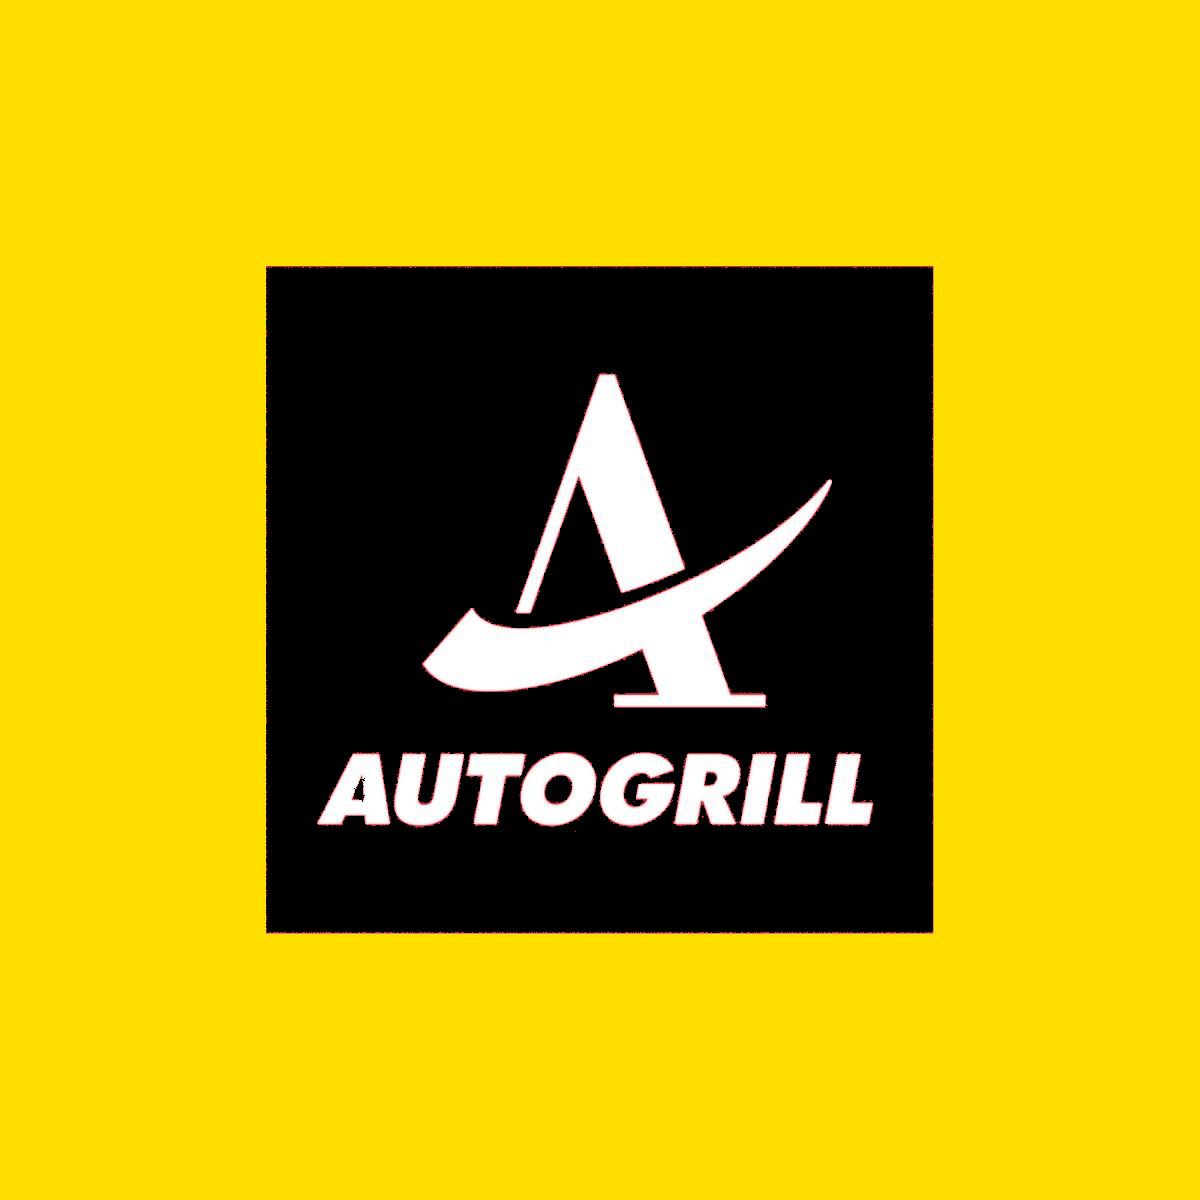 AUTOGRILL GIALLO